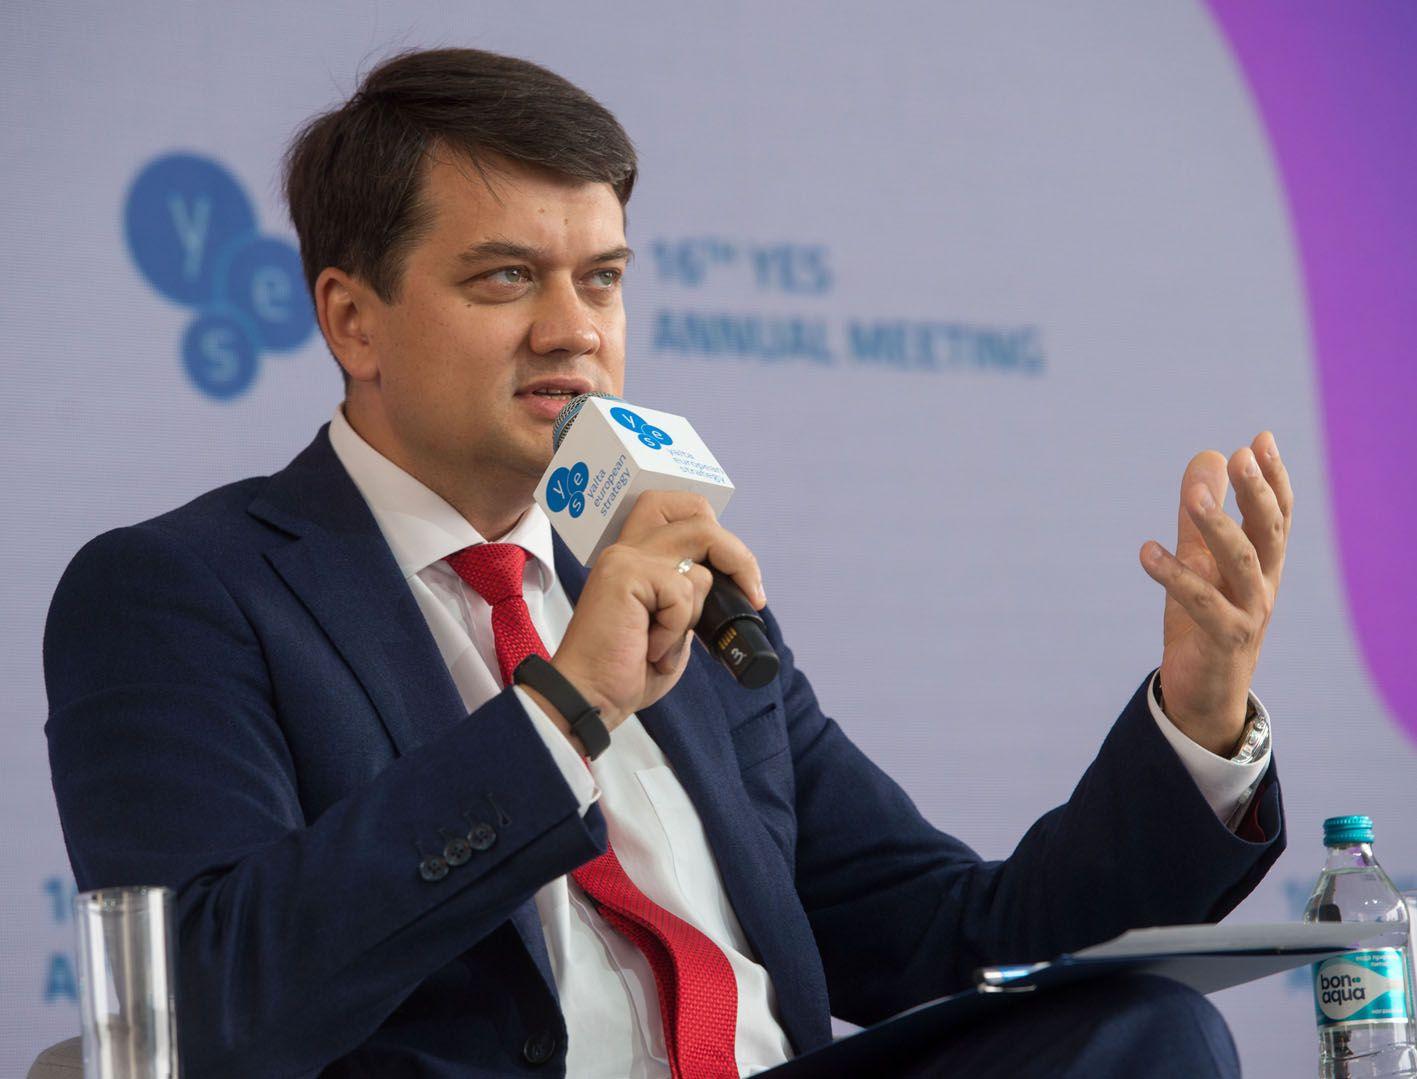 Головне завдання — зробити Україну щасливою